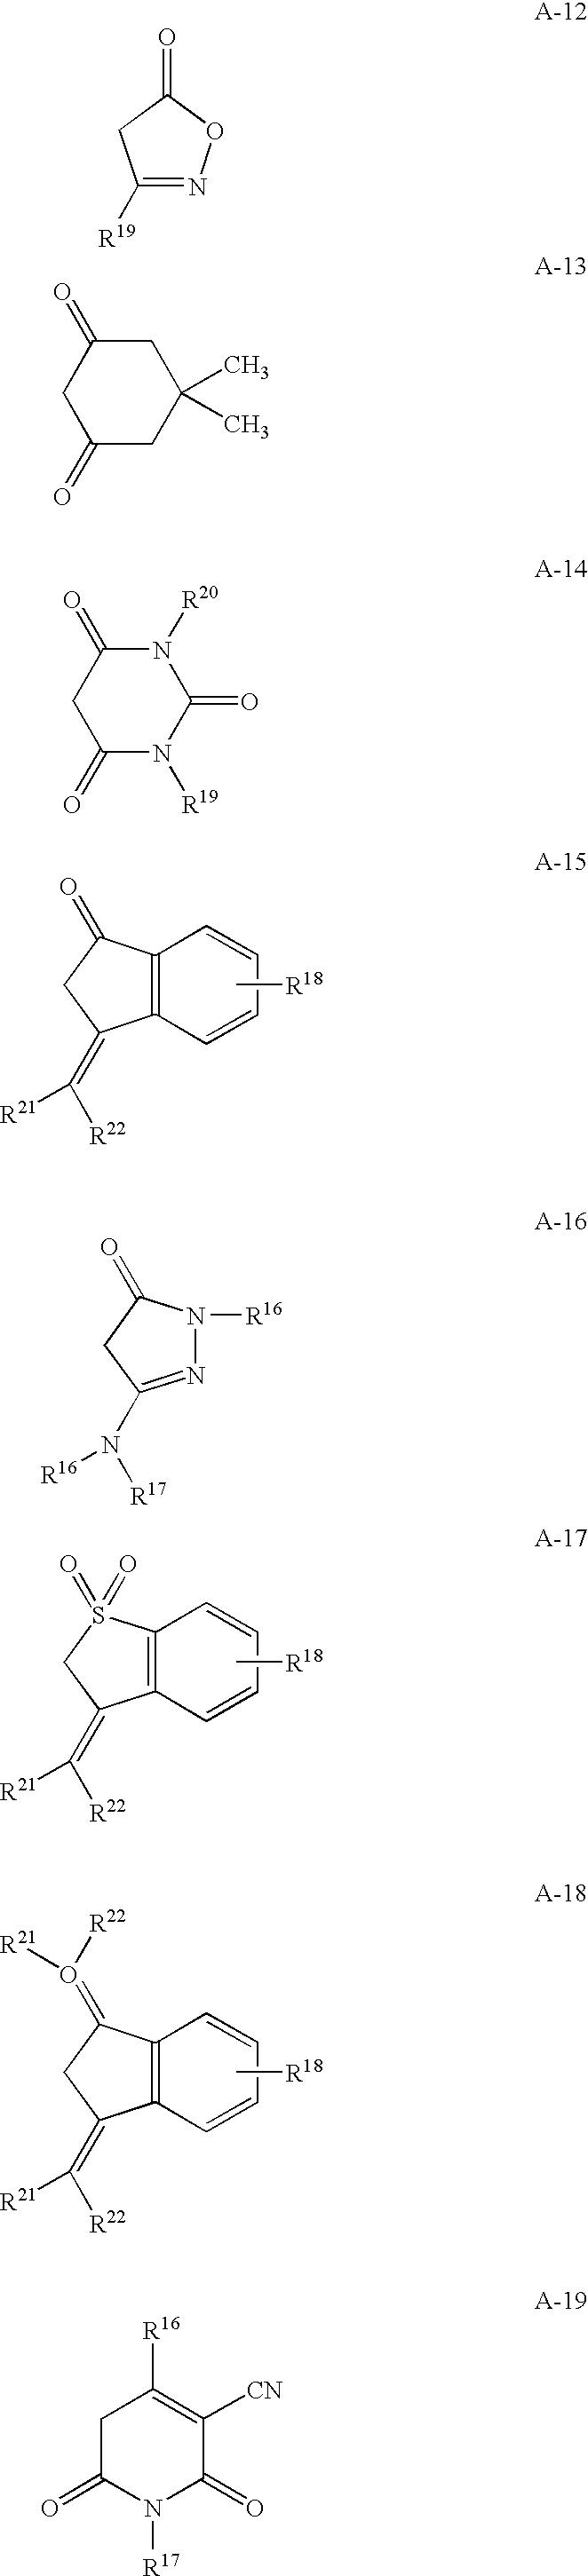 Figure US20070287822A1-20071213-C00009